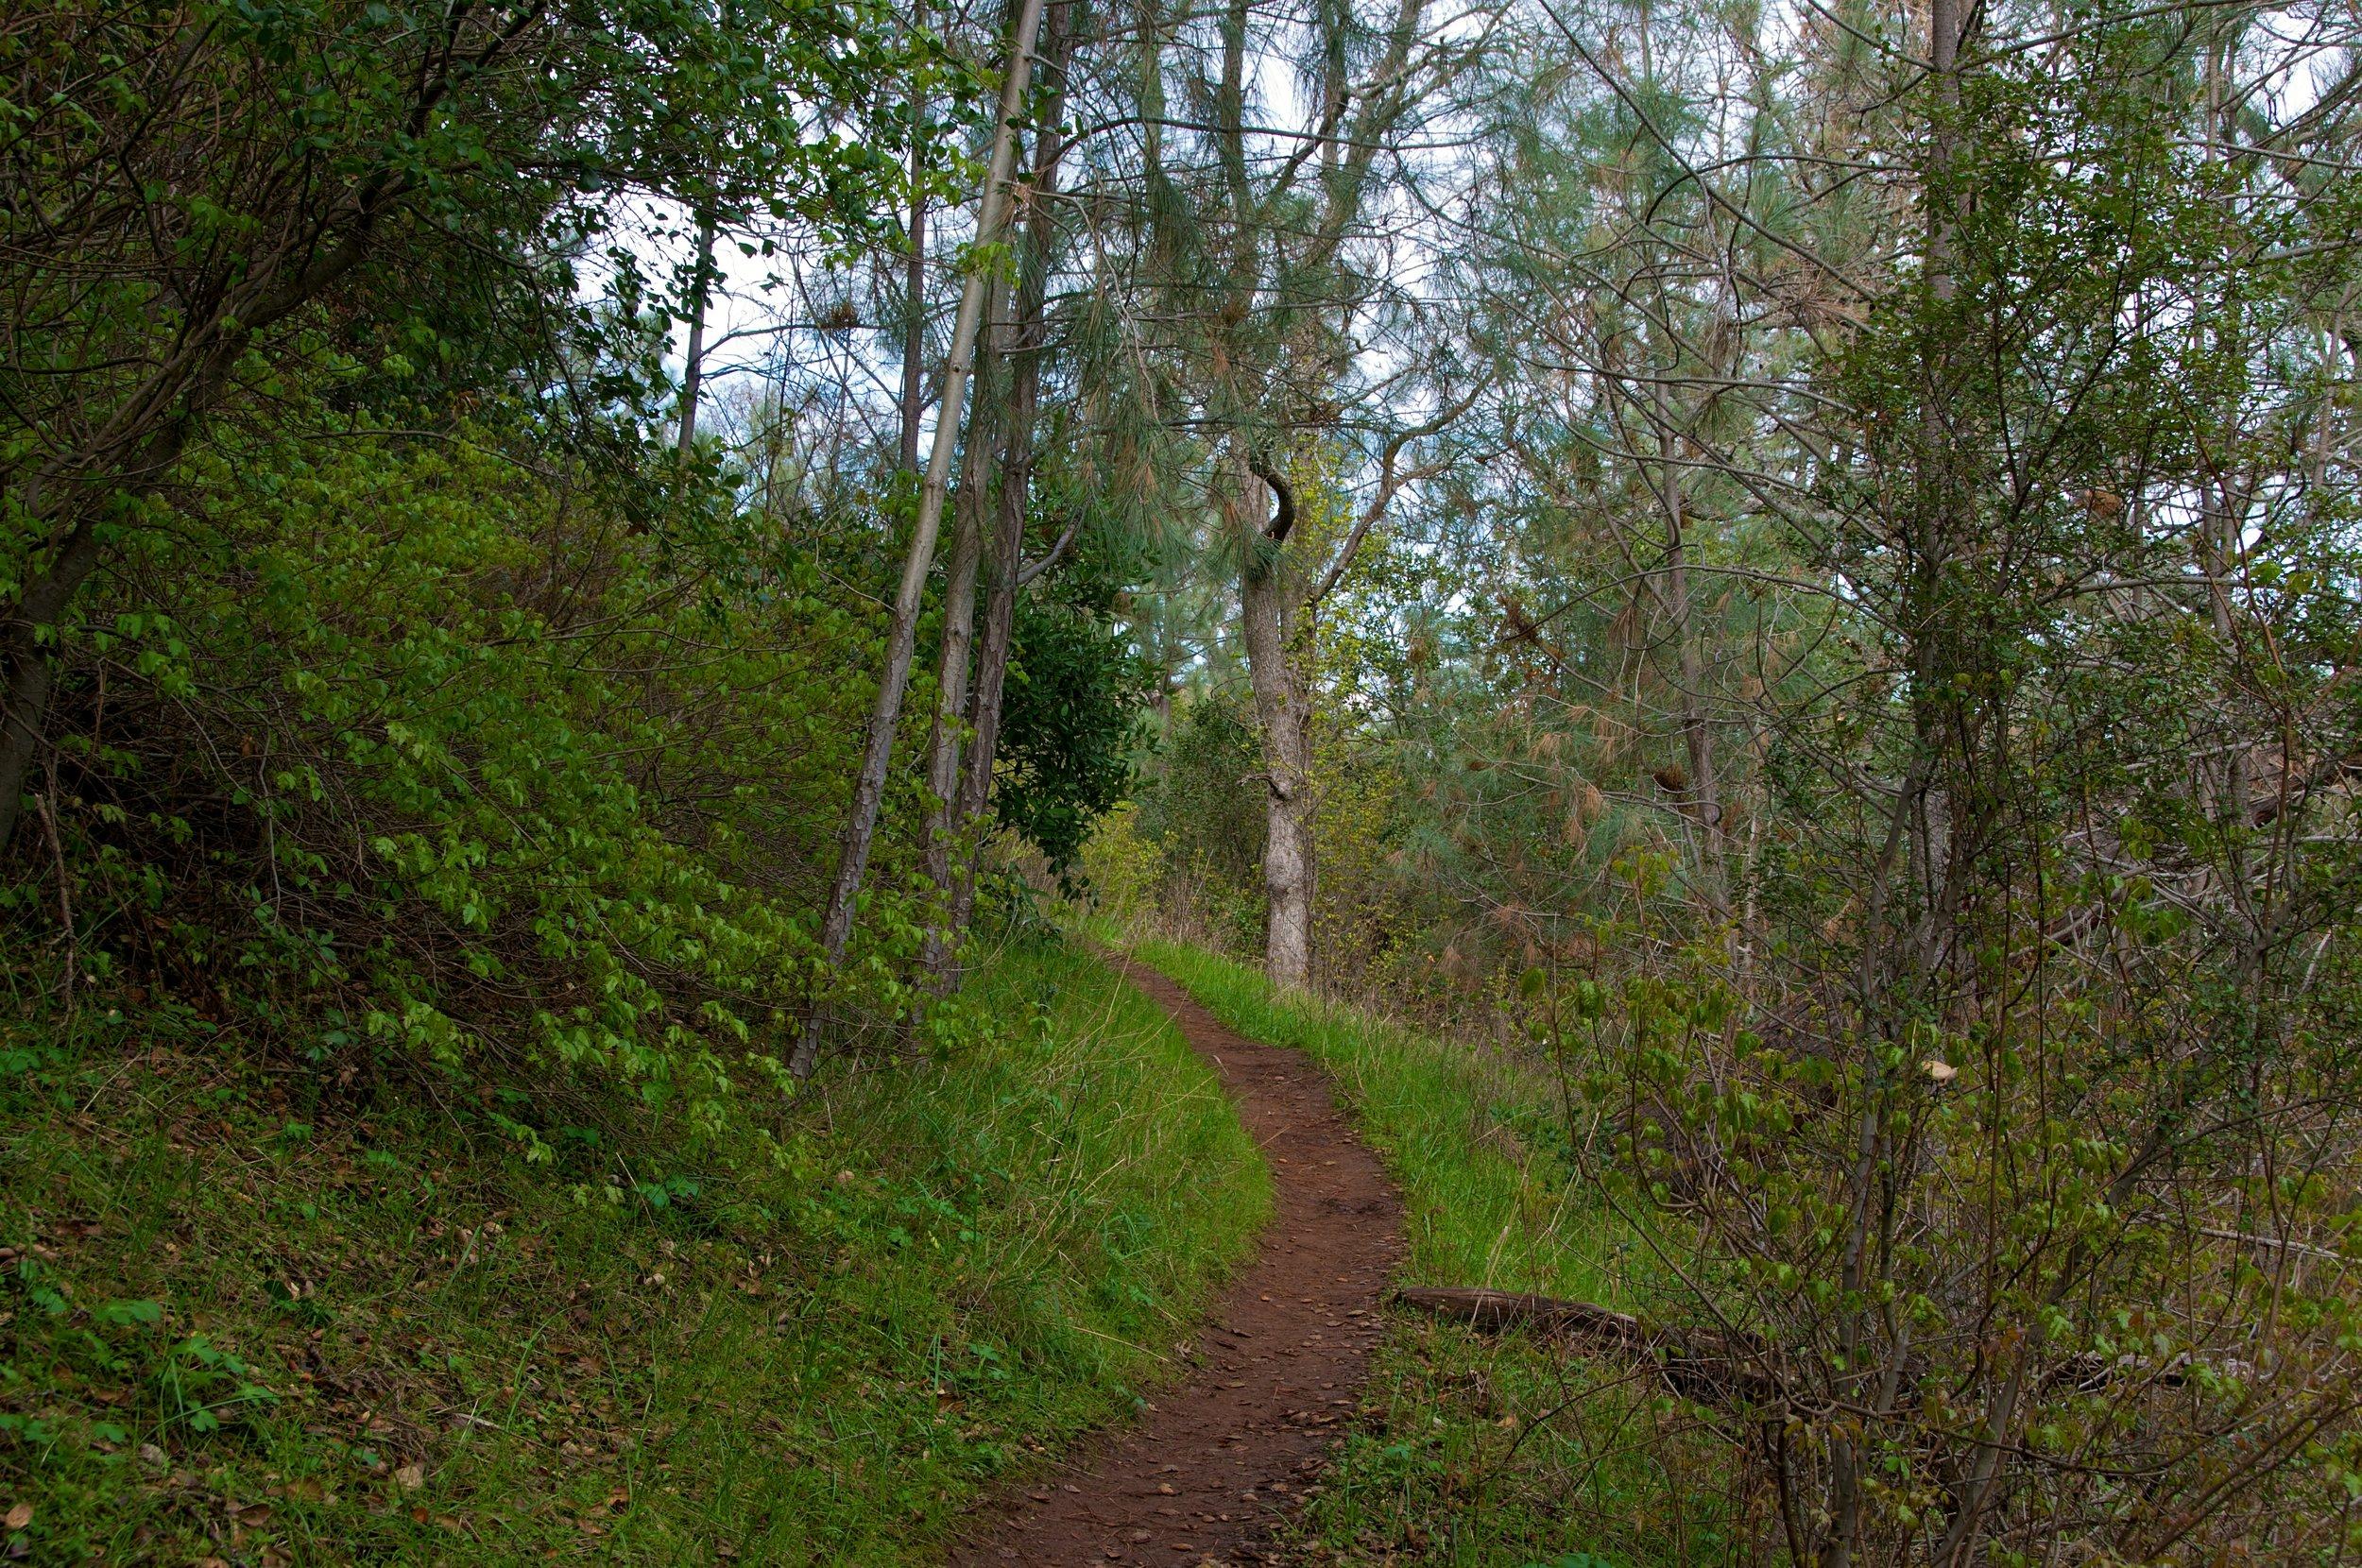 Mt. Diablo Hike 2_12_2011 - 2011-02-21 at 10-41-57.jpg